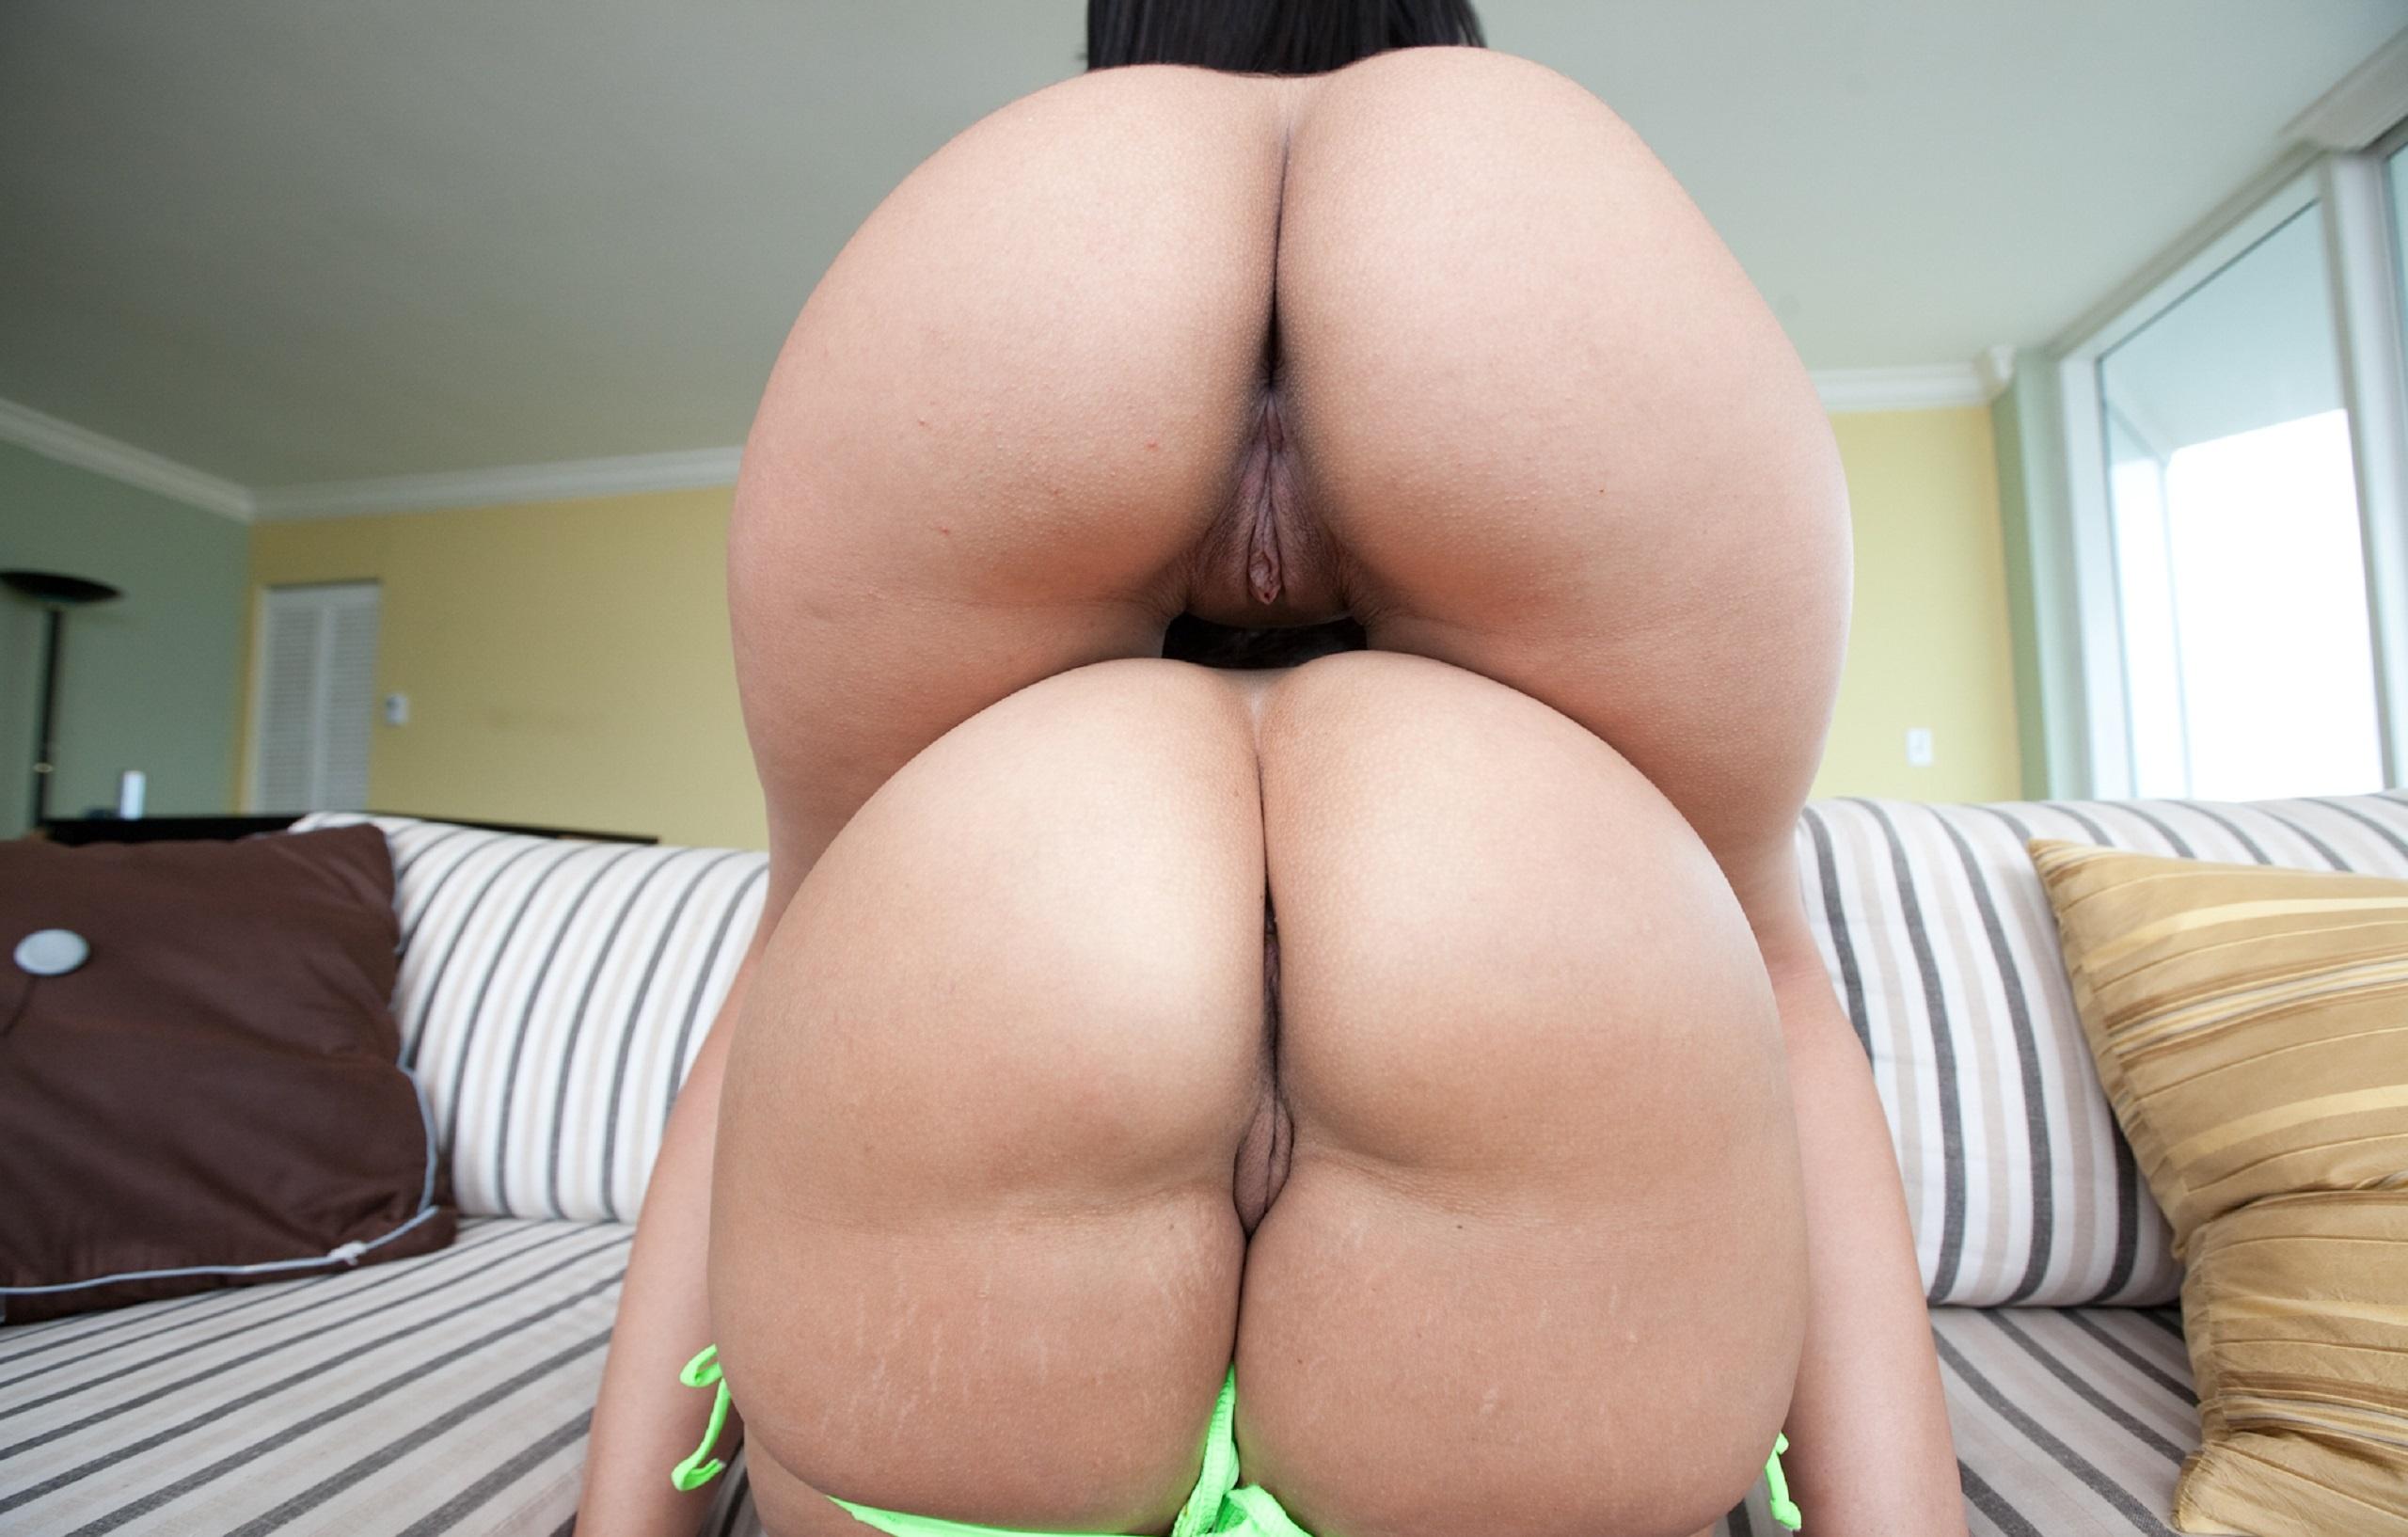 Granny thong nude porn pics